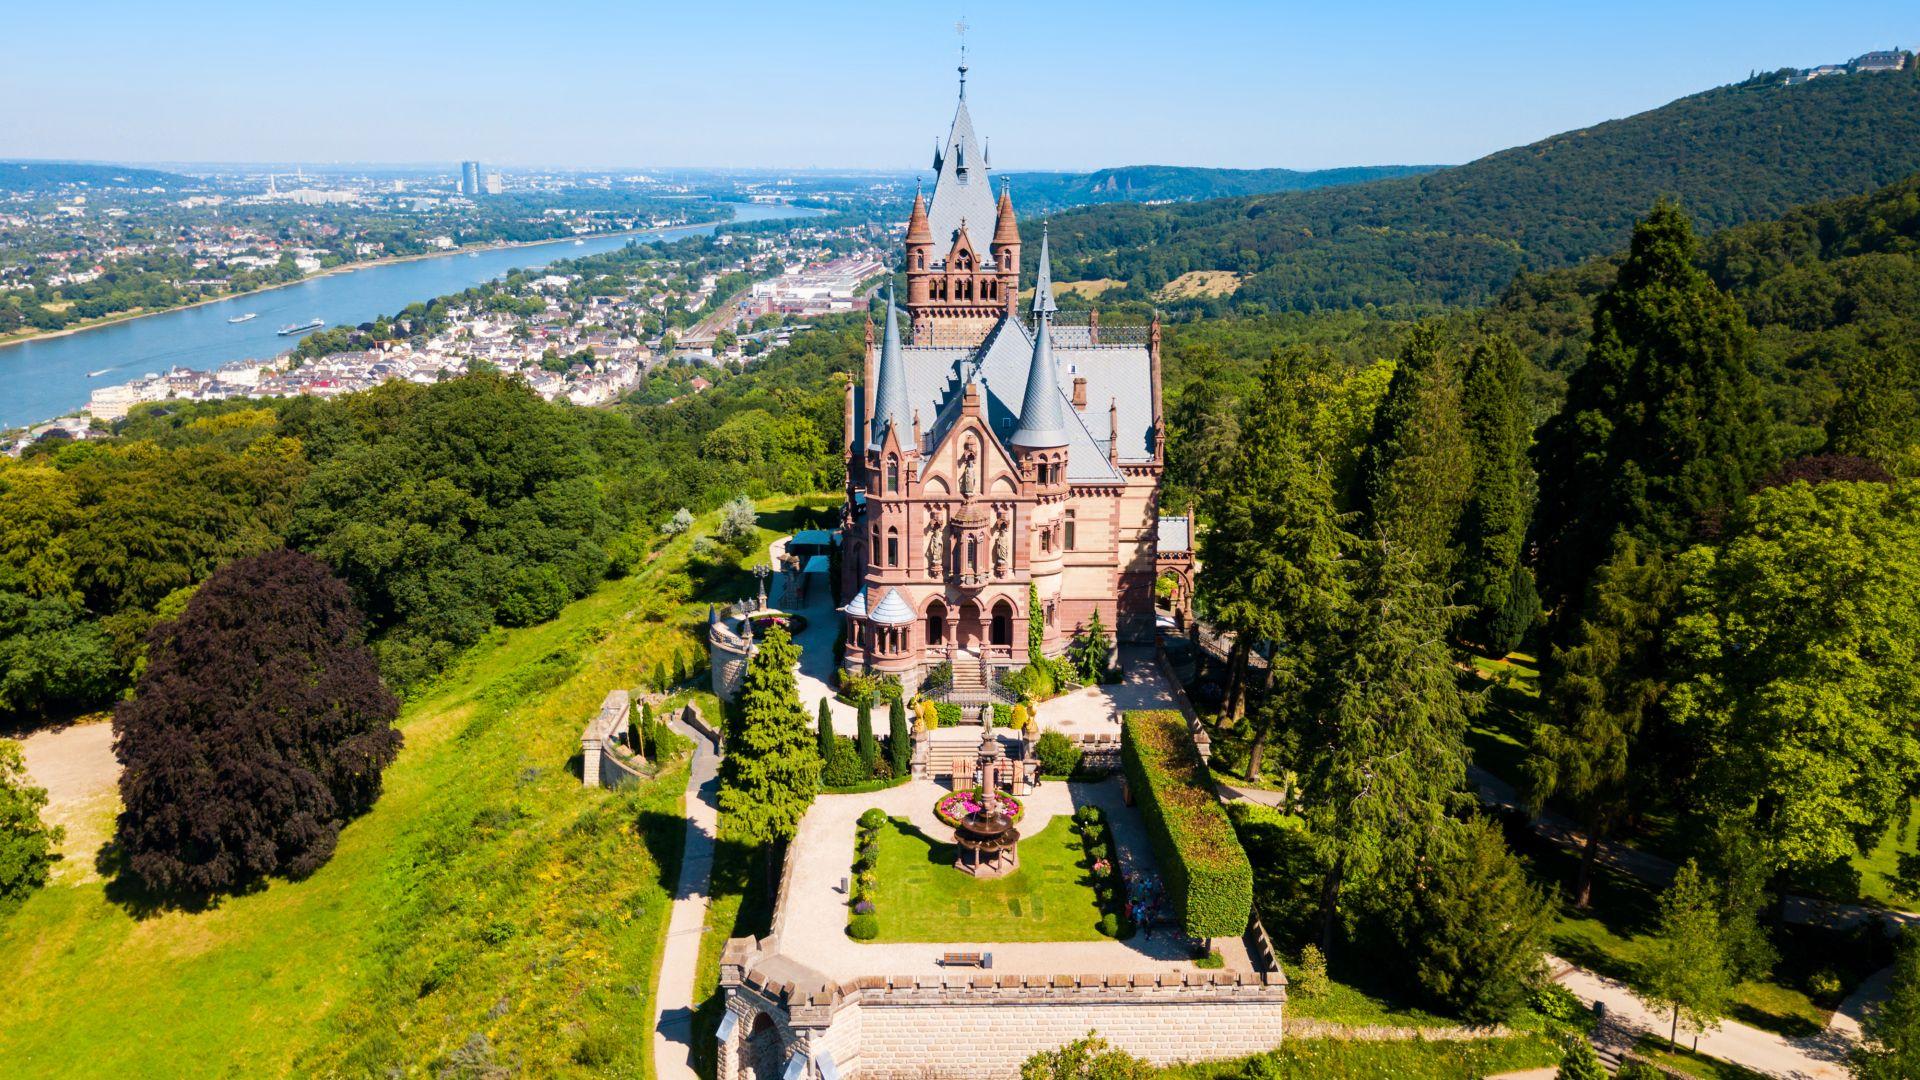 Konigswinter : Le château de Drachenbourg sur le Rhin